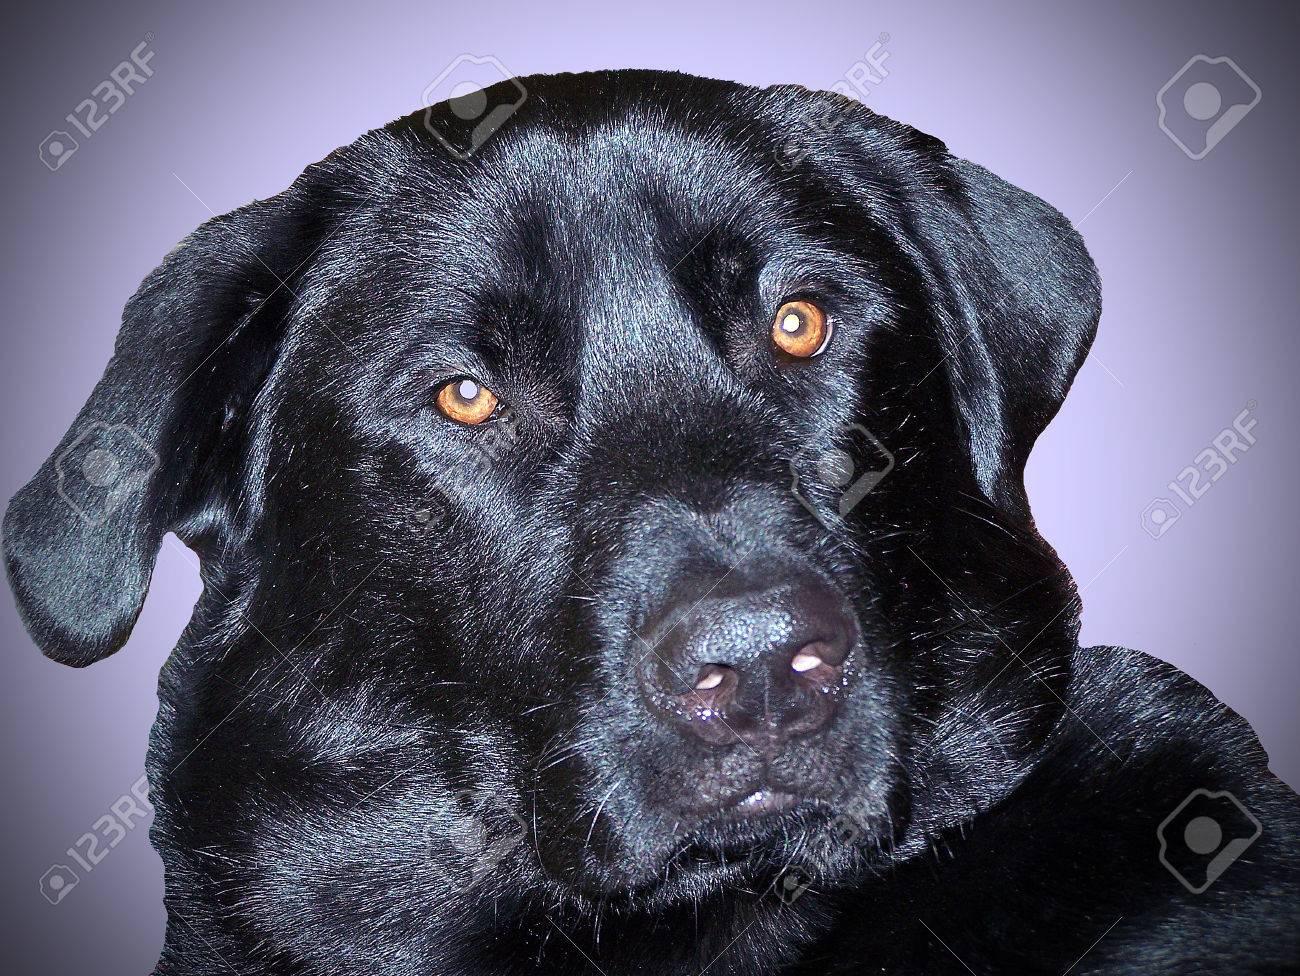 Close up of black labrador retriever dog face Stock Photo - 26007502